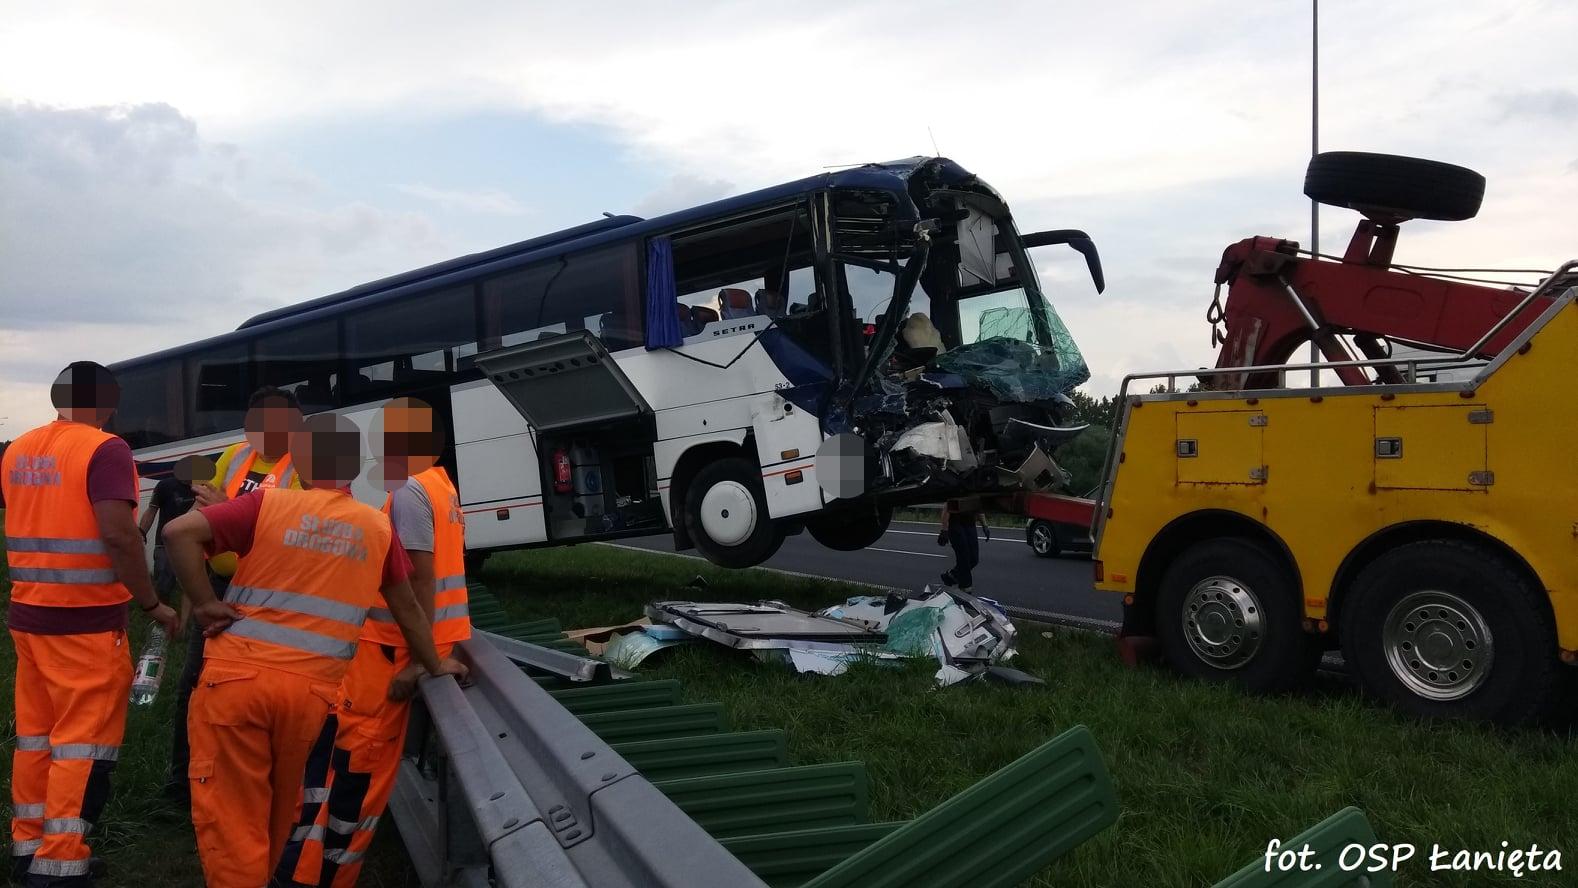 Wypadek autokaru z dziećmi na autostradzie pod Kutnem: Ruszyło śledztwo [ZDJĘCIA] - Zdjęcie główne